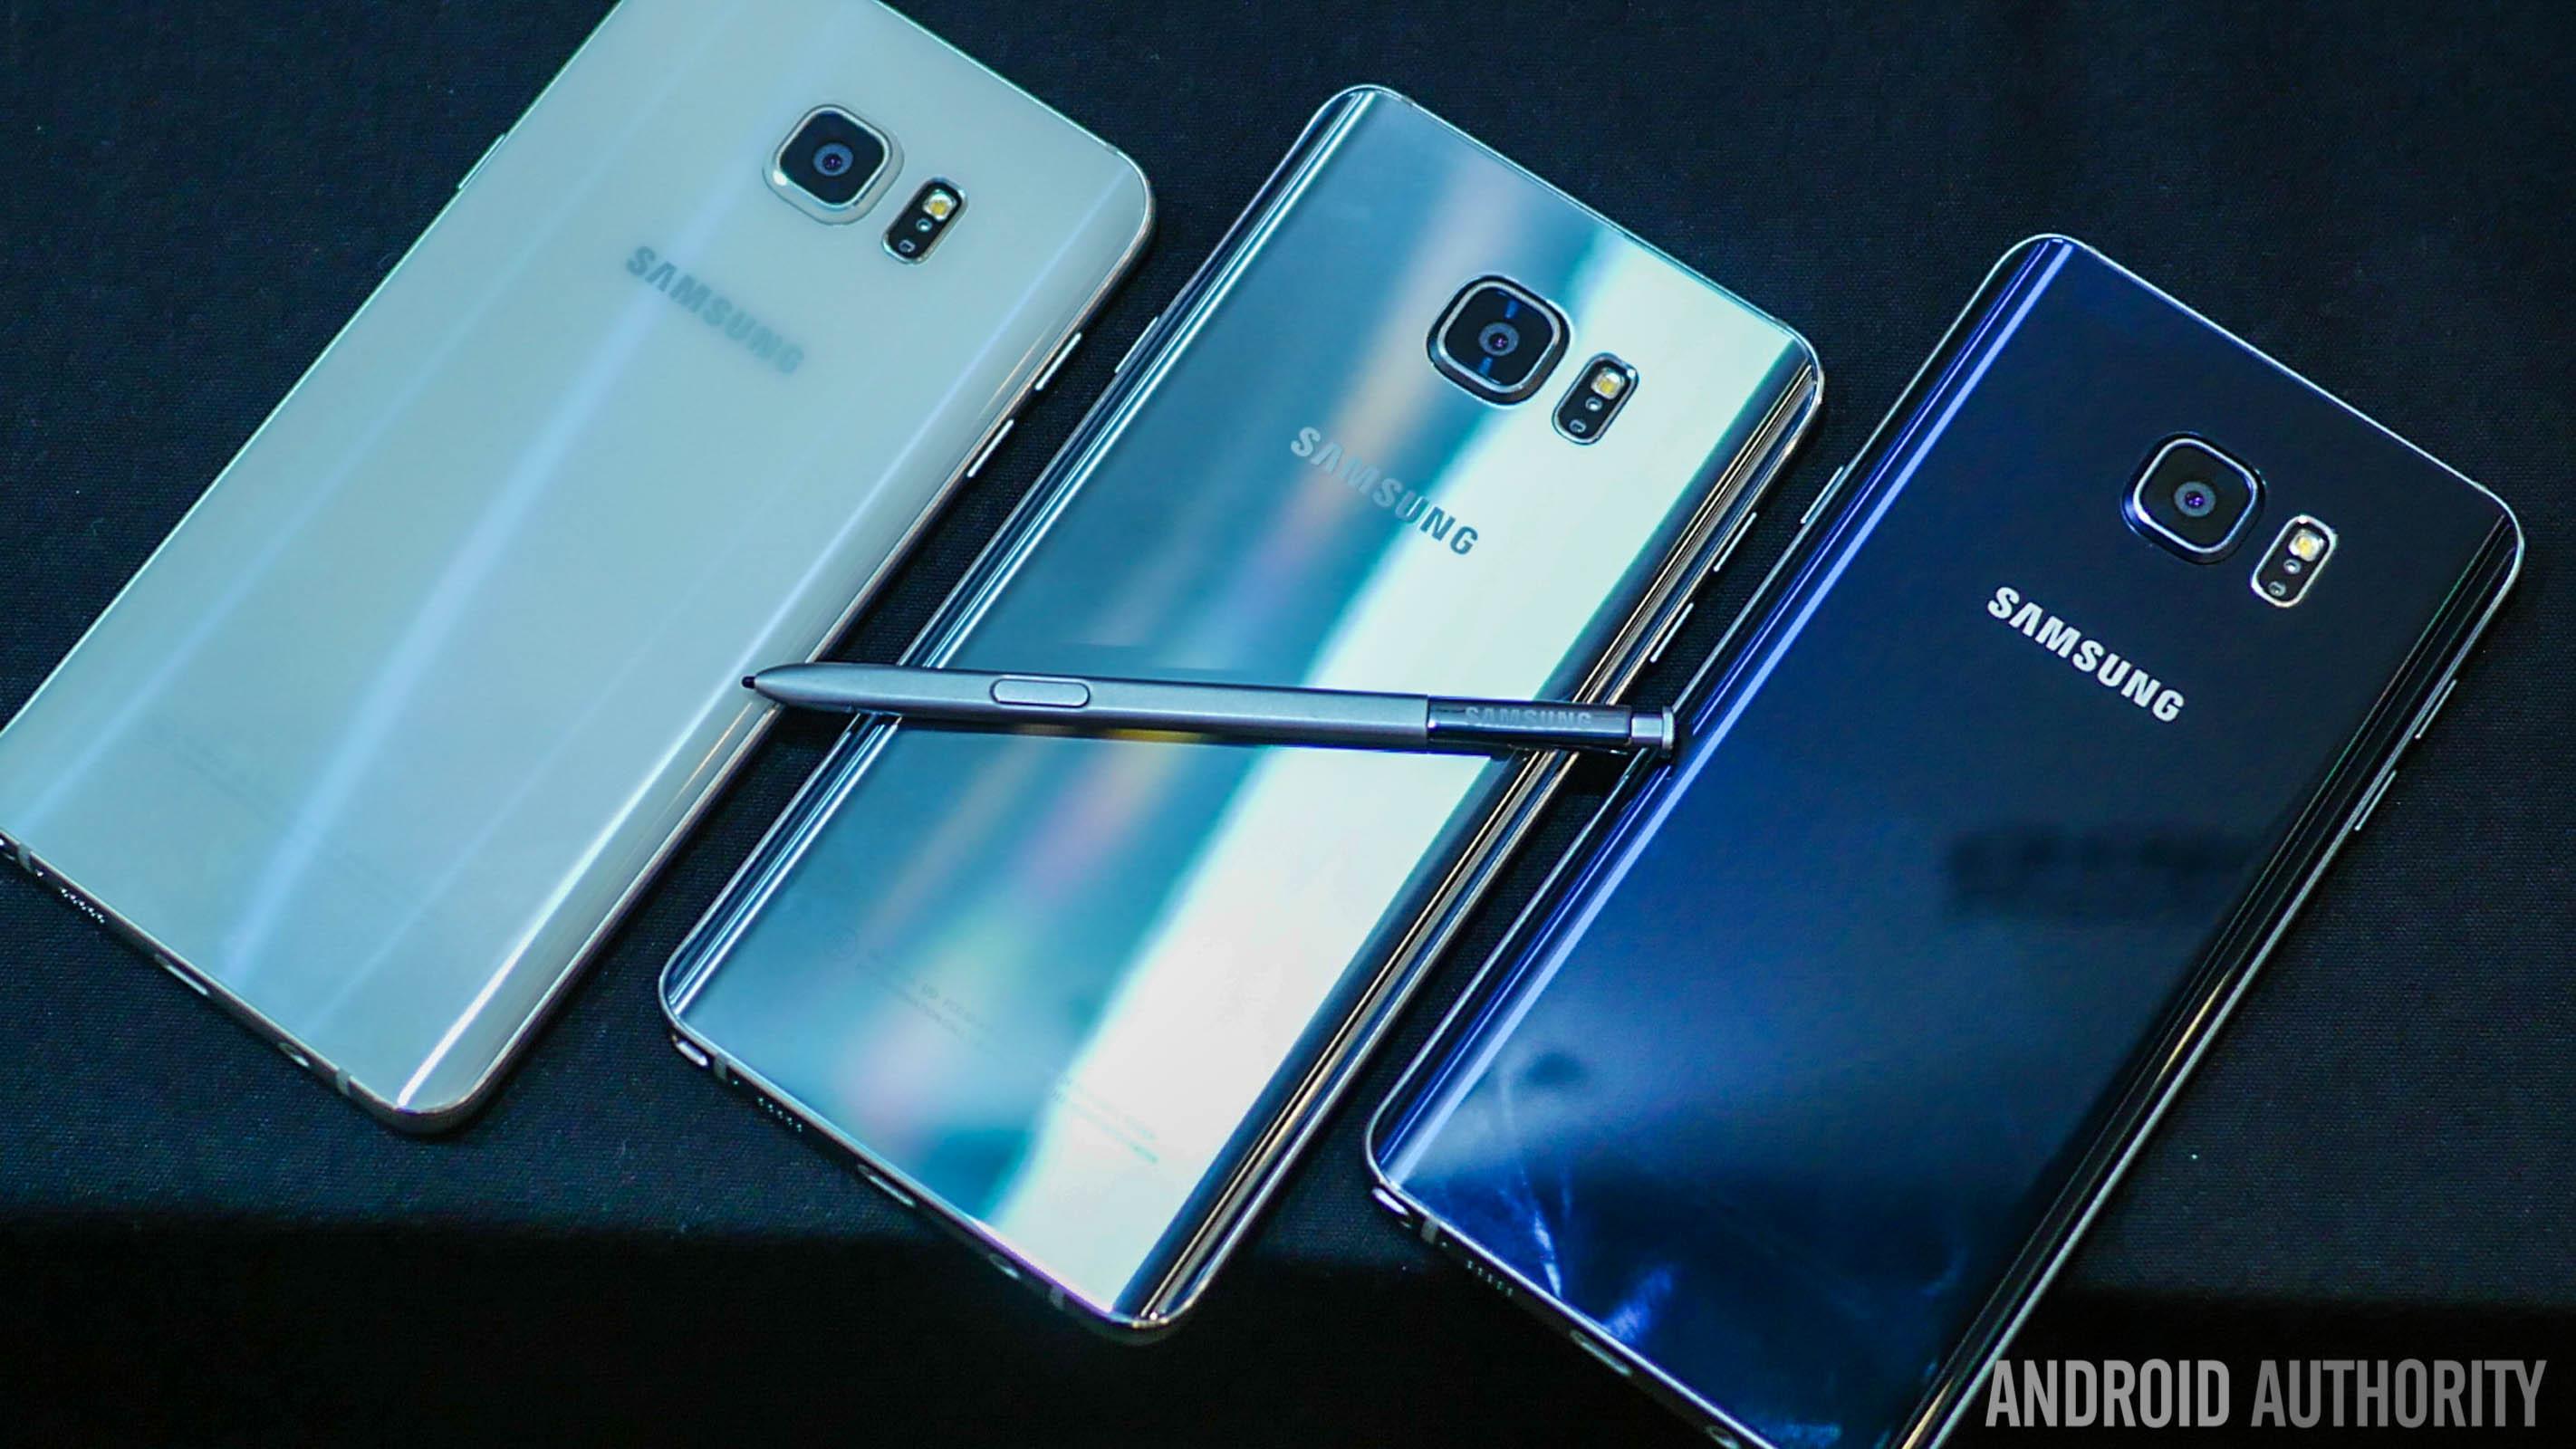 آغاز انتشار اندروید 7 برای نسخه دو سیم کارت Galaxy Note 5